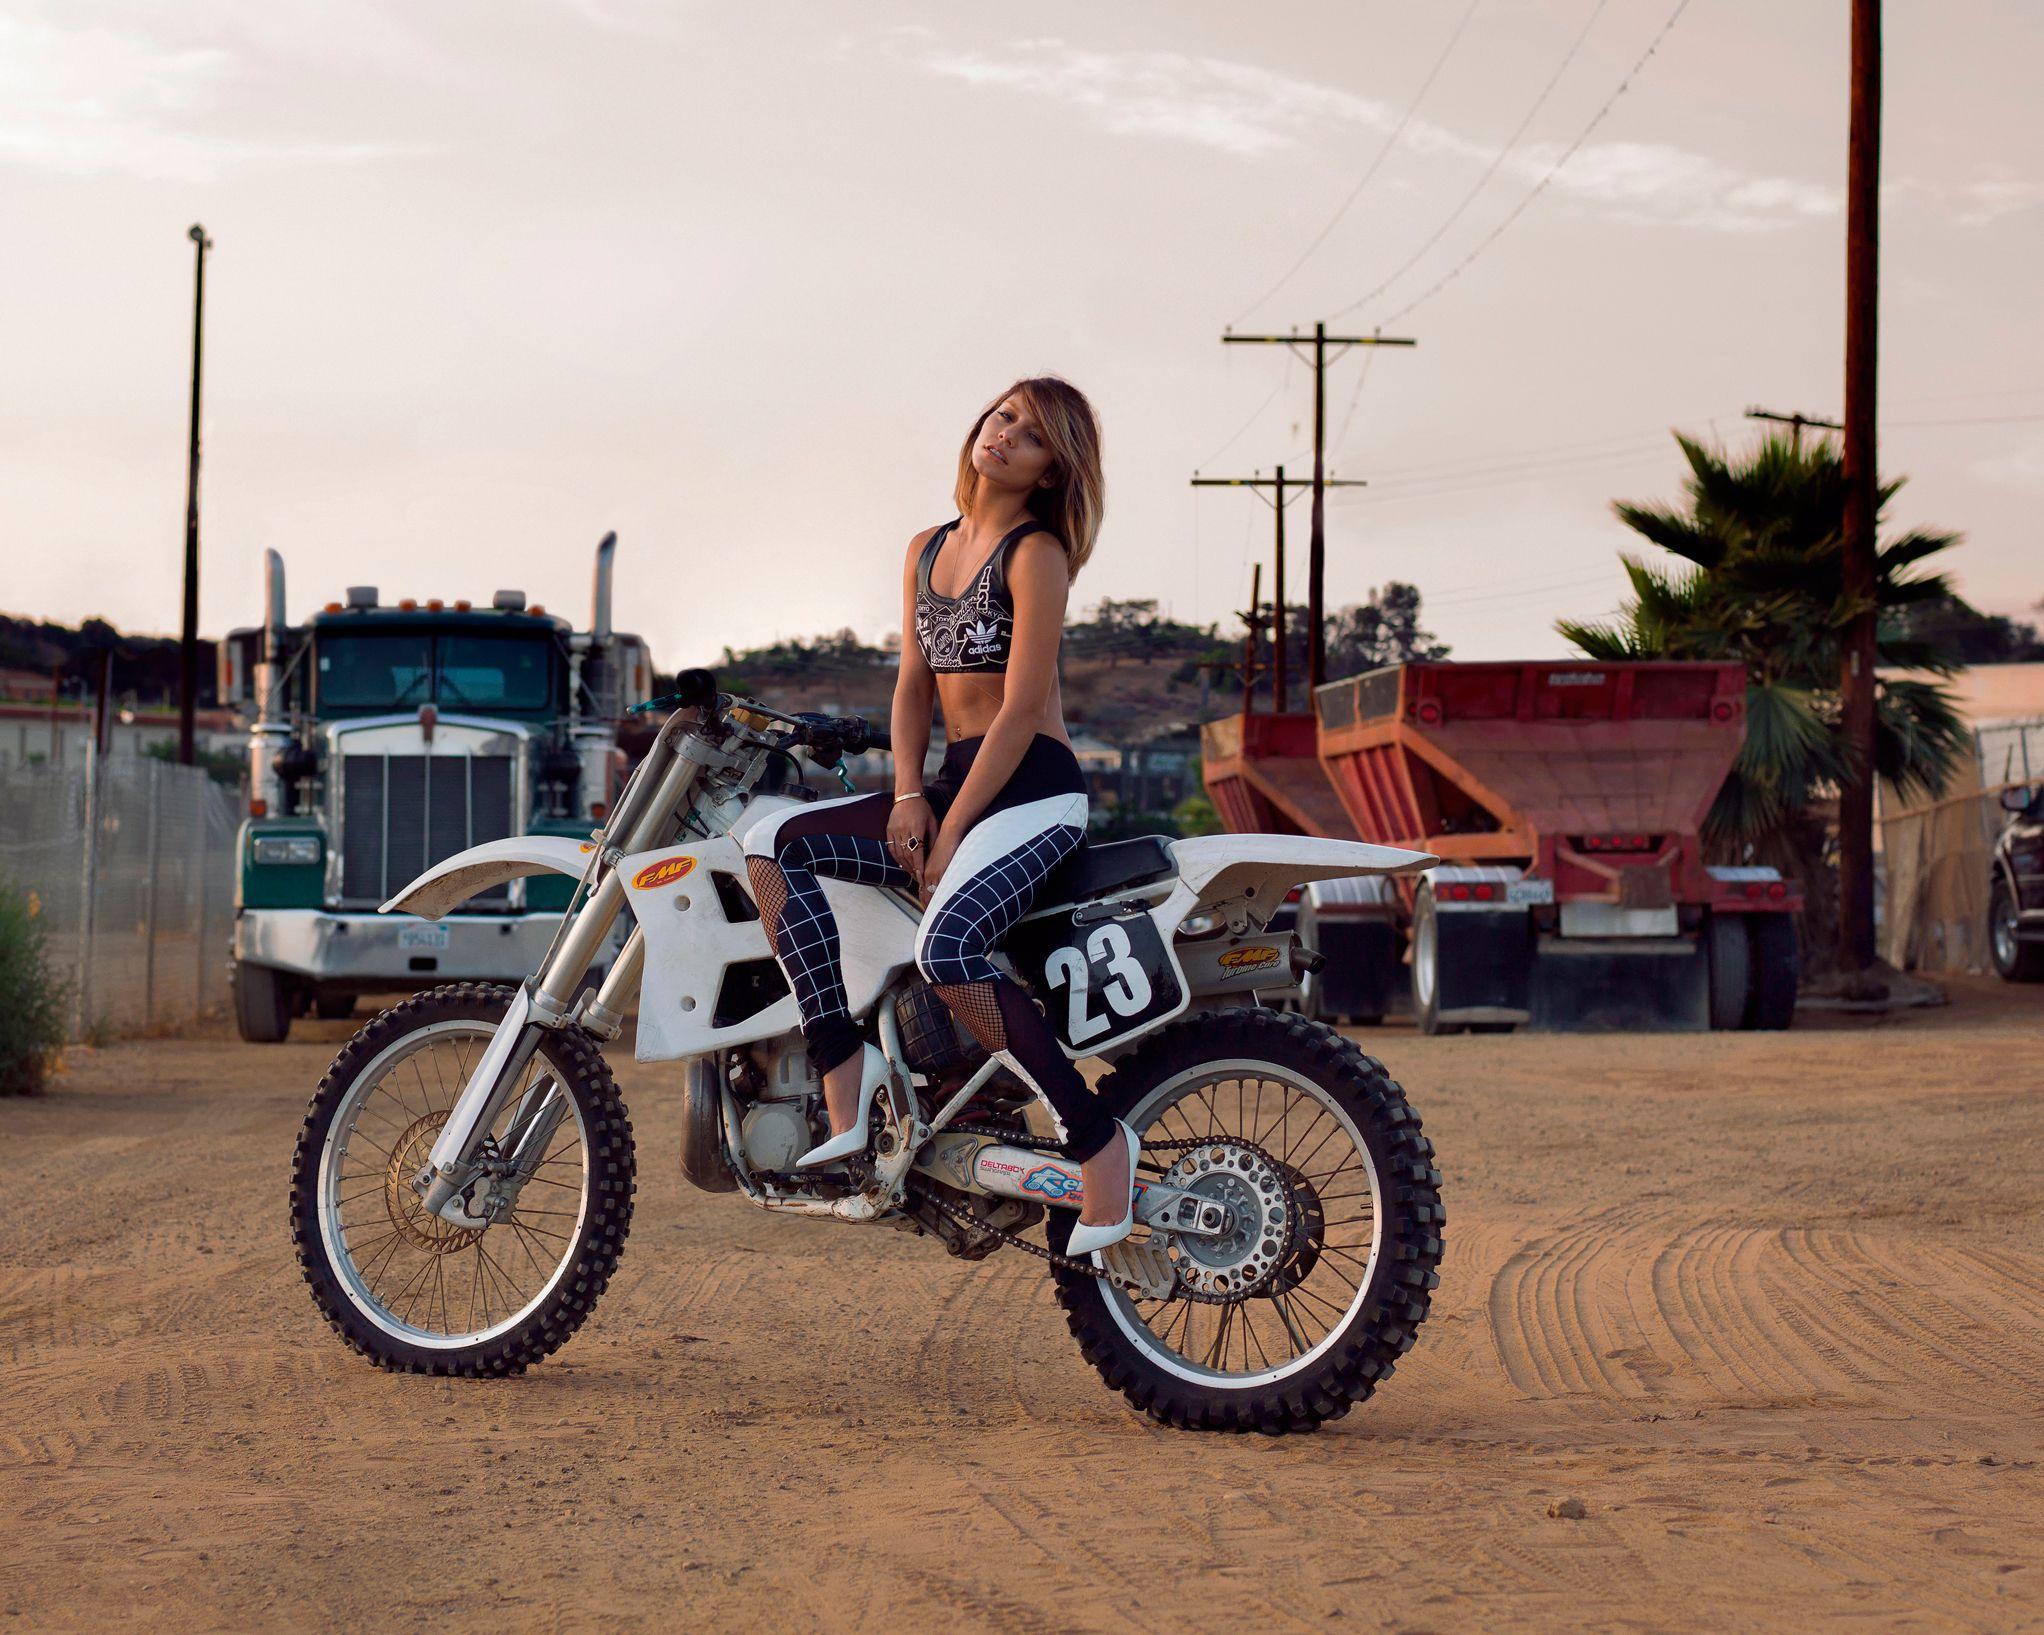 Dirt Bike Girls Wallpaper 2044x1635 Download Hd Wallpaper Wallpapertip